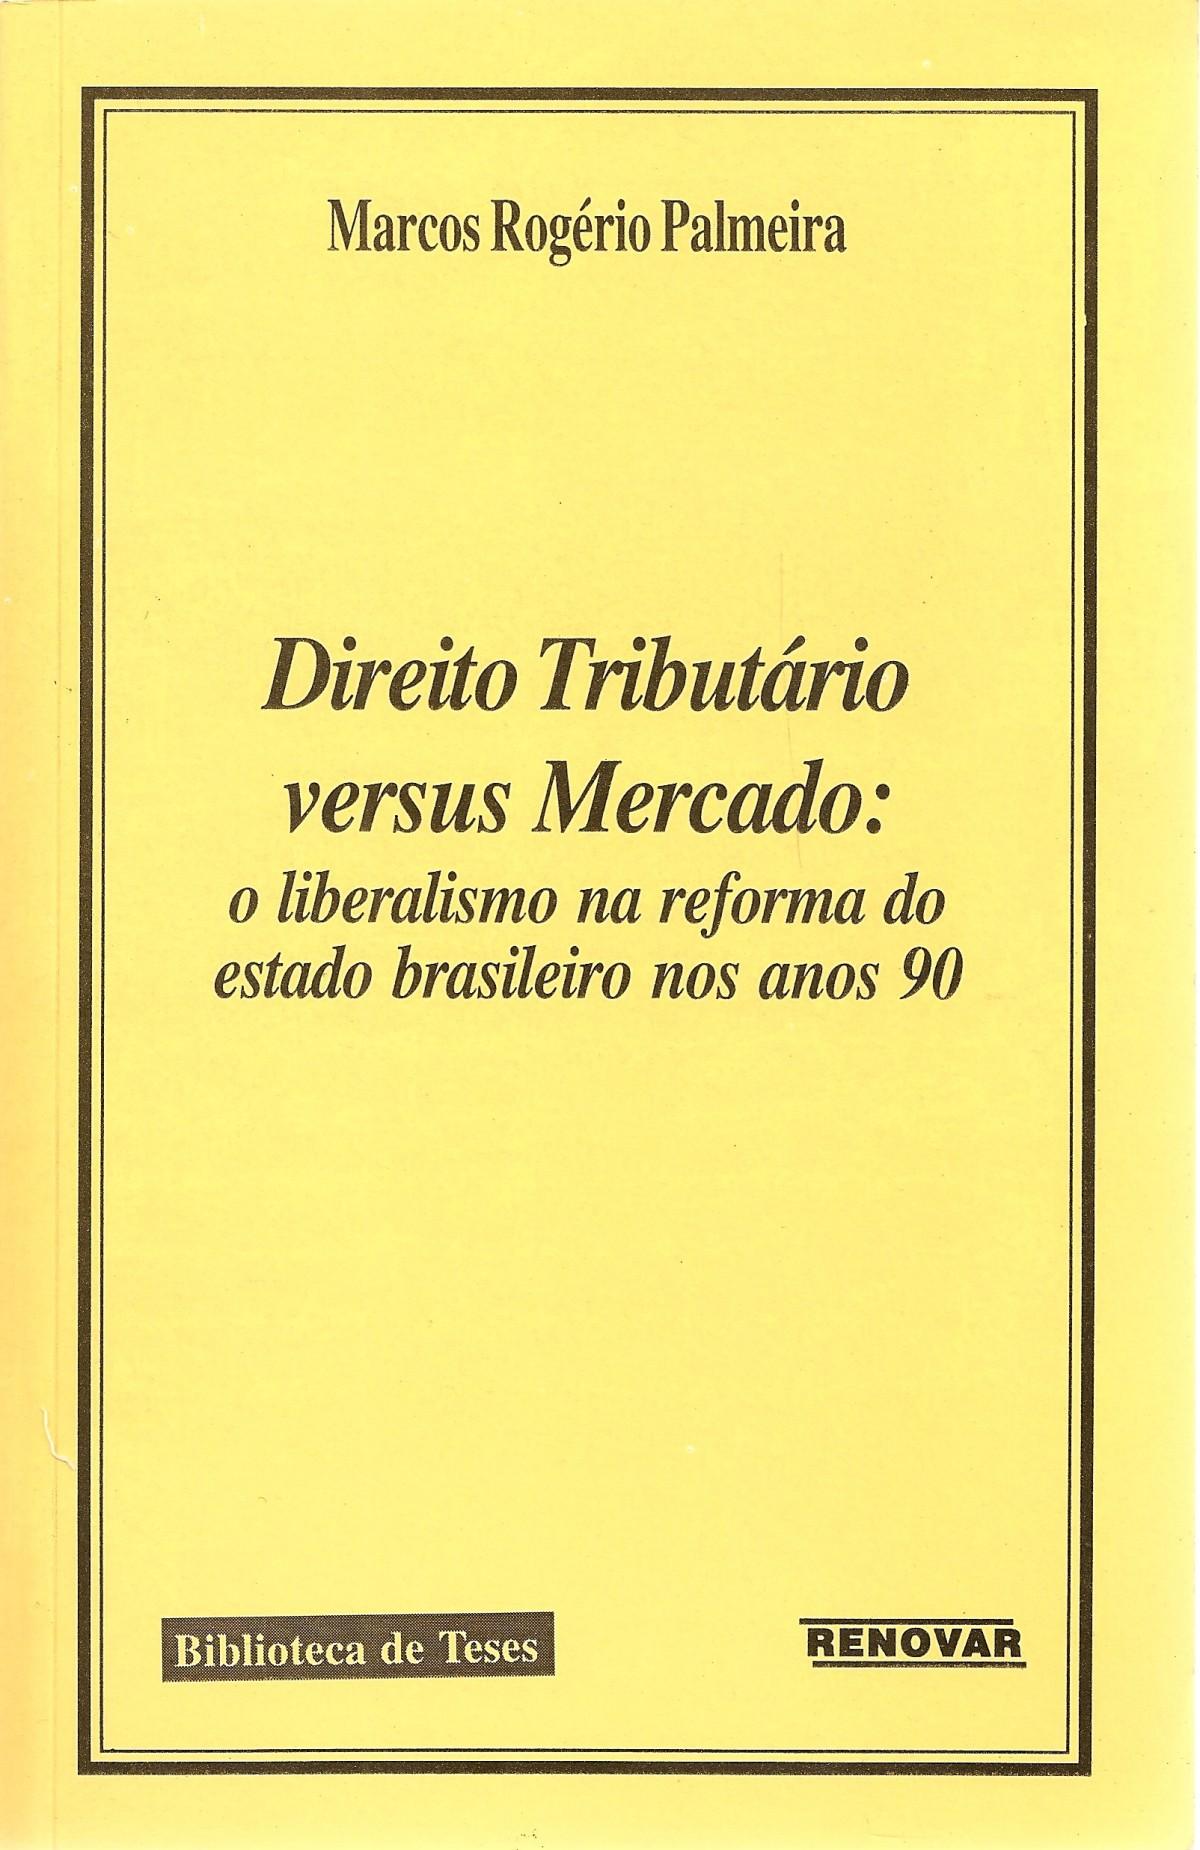 Foto 1 - Direito Tributário Versus Mercado: O Liberalismo na Reforma do Estado Brasileiro nos Anos 90